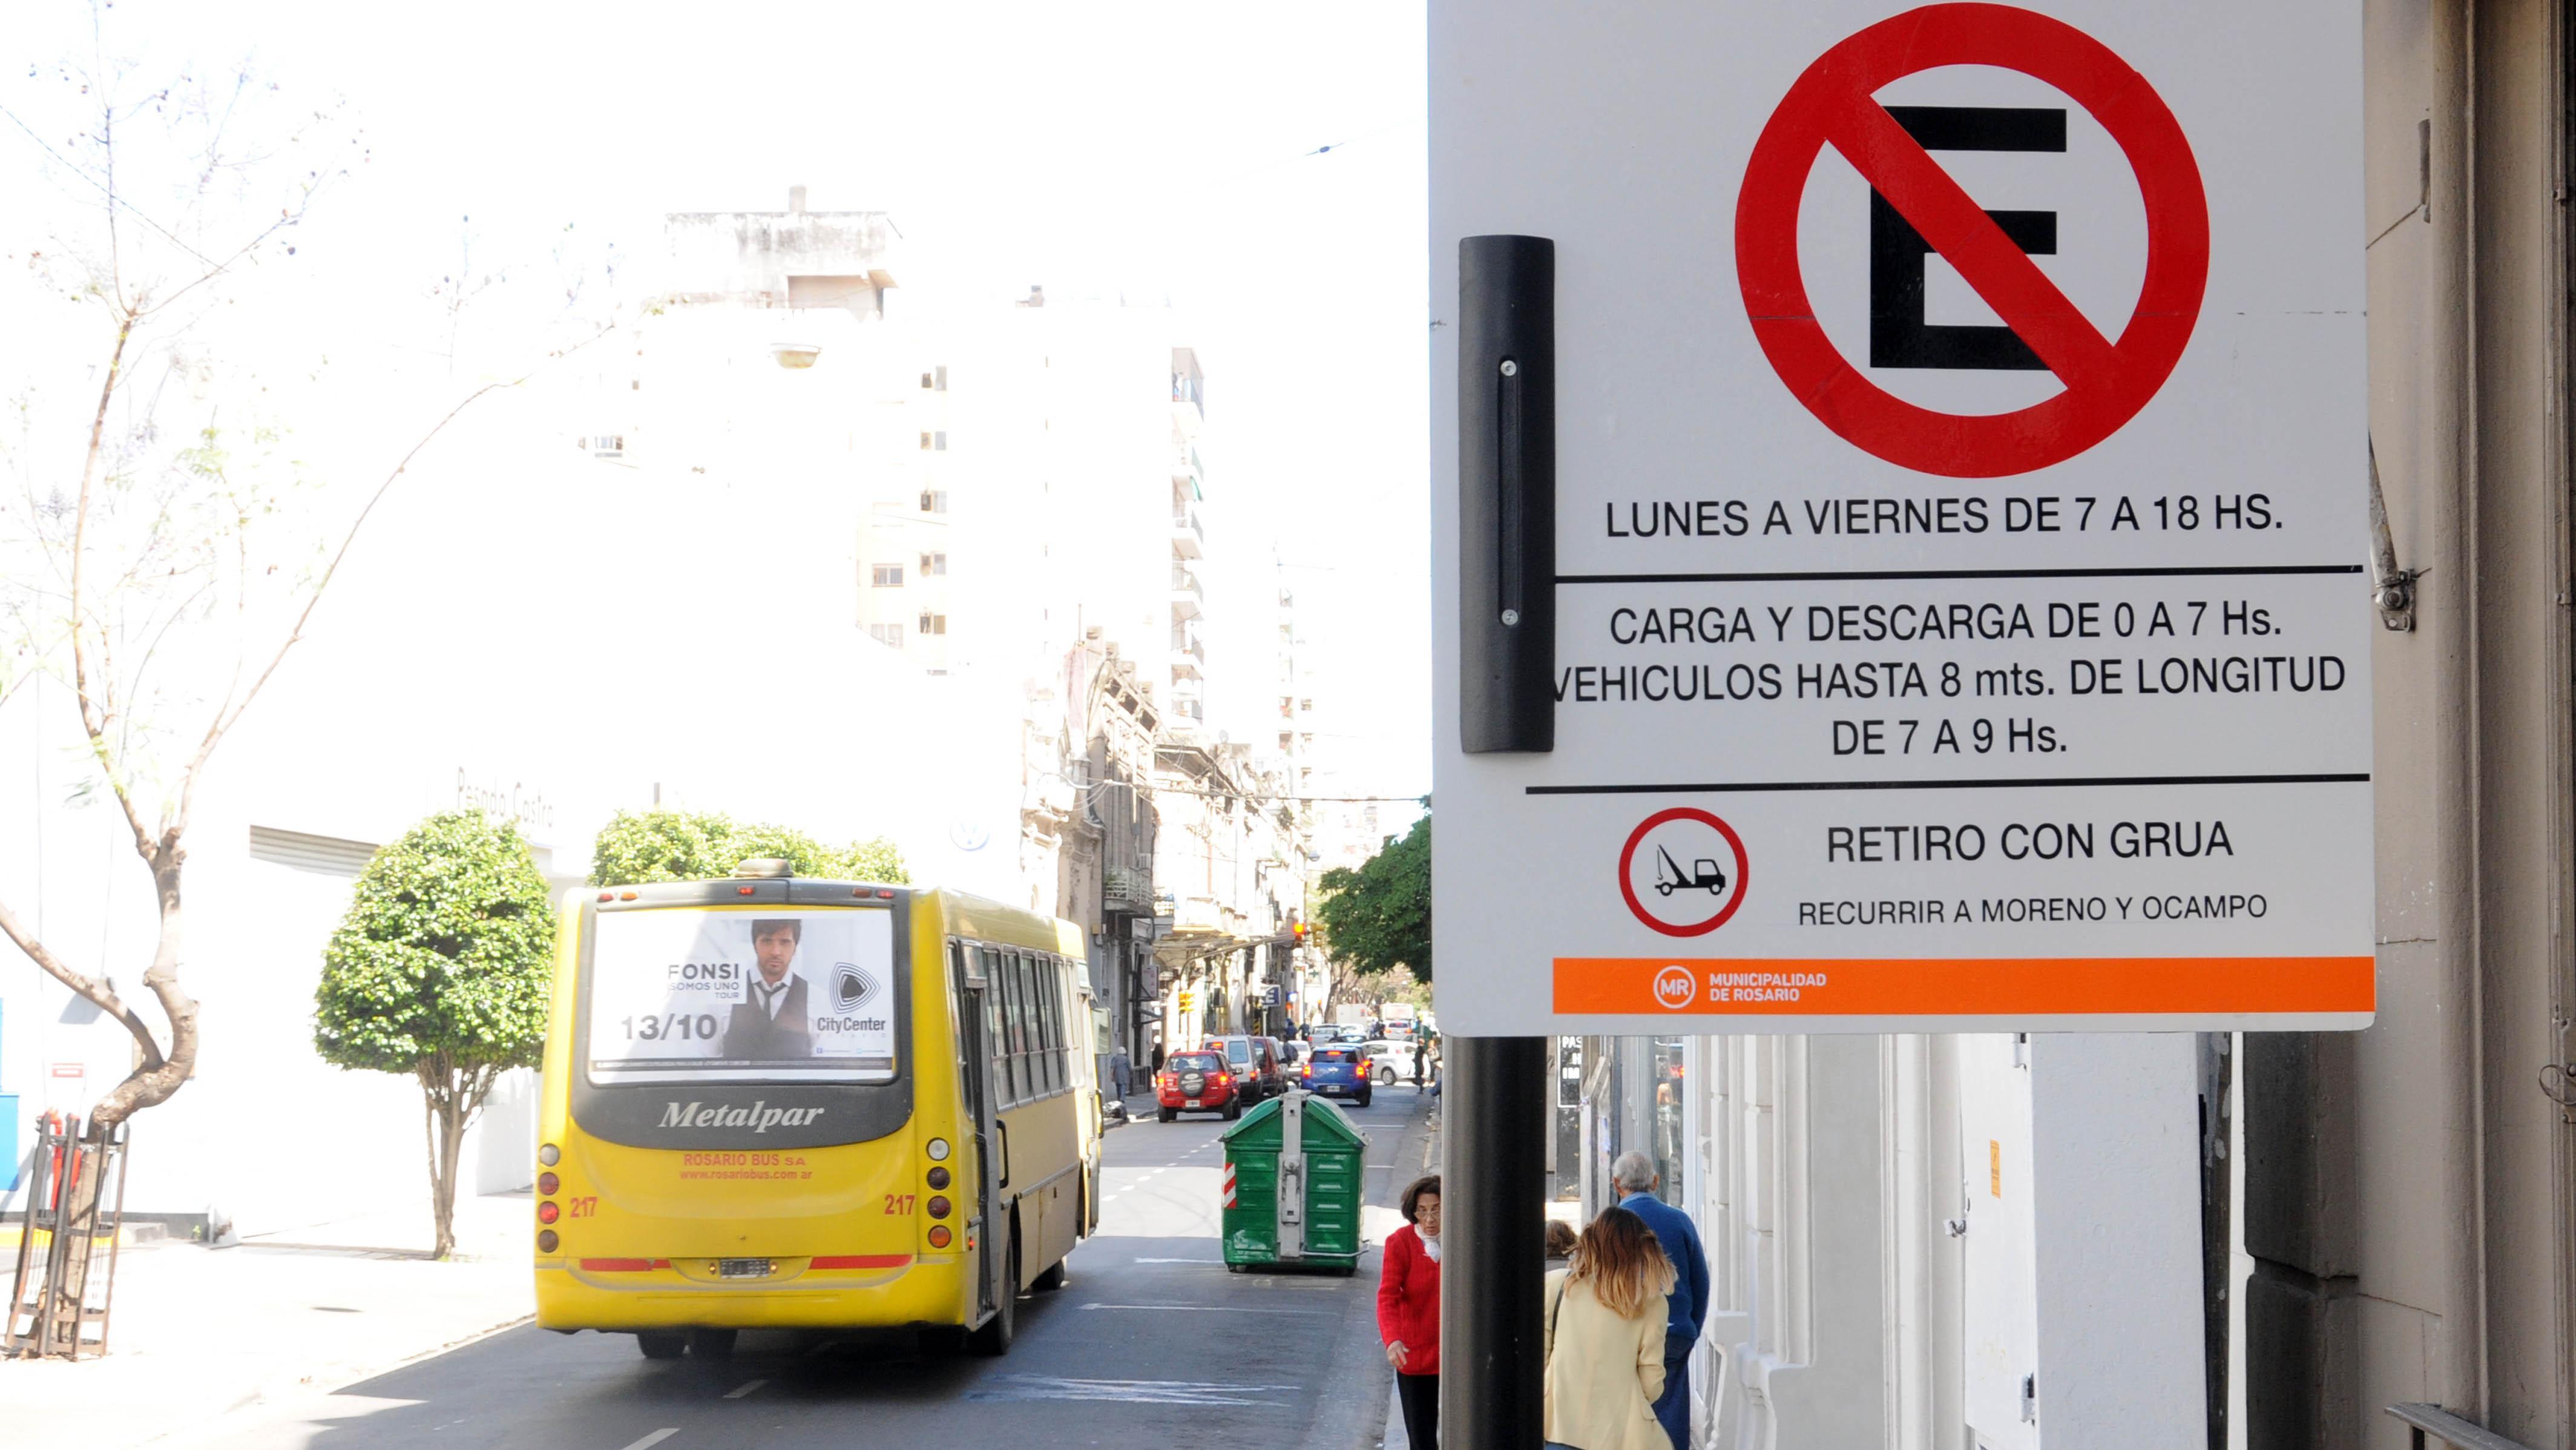 Los vehículos podrían estacionar de forma libre y gratuita. (Foto: rosarionoticias.gob.ar)